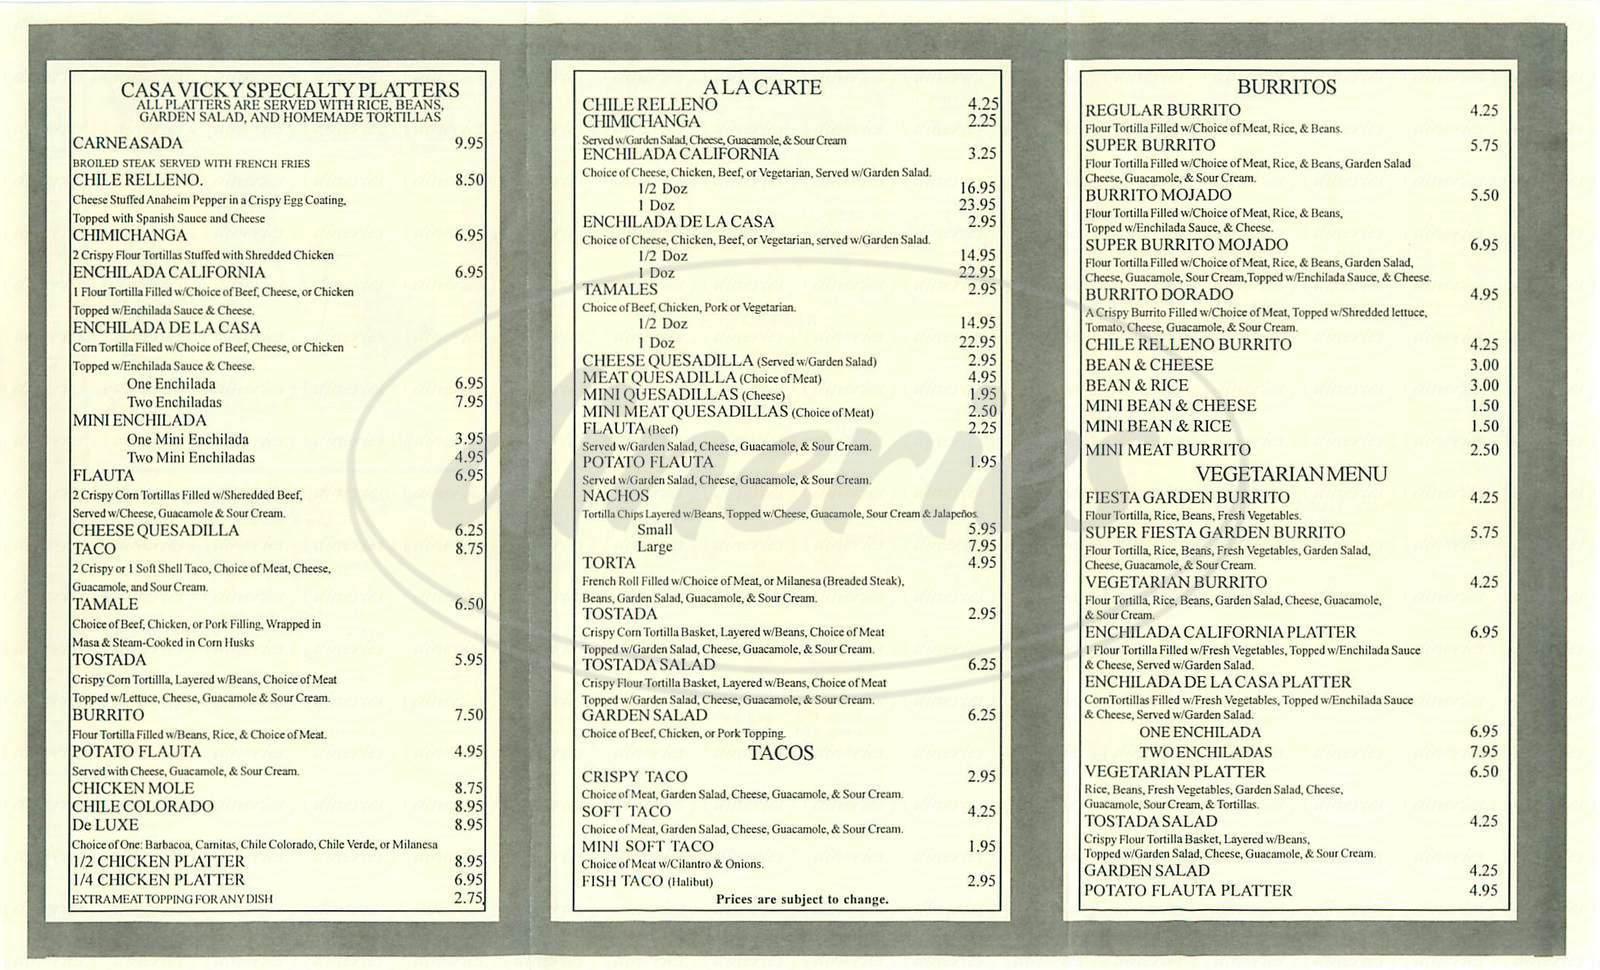 menu for Casa Vicky